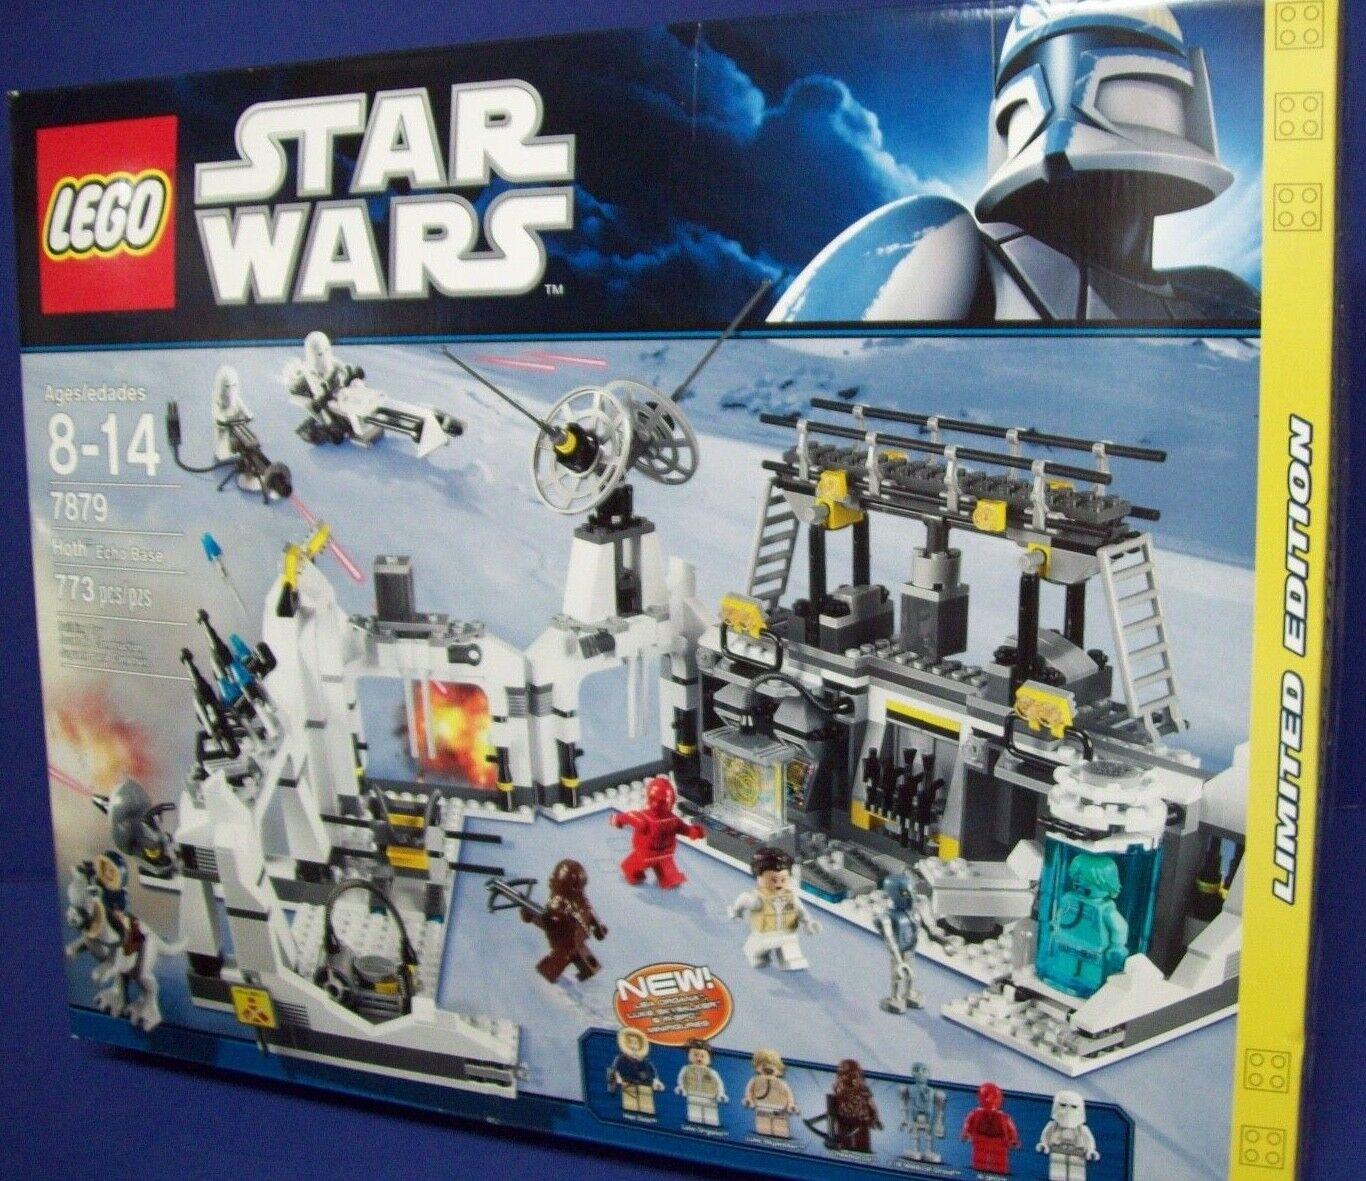 LEGO estrella  guerras calienteh Echo Base (7879) nuovo NISB Retirosso  100% nuovo di zecca con qualità originale